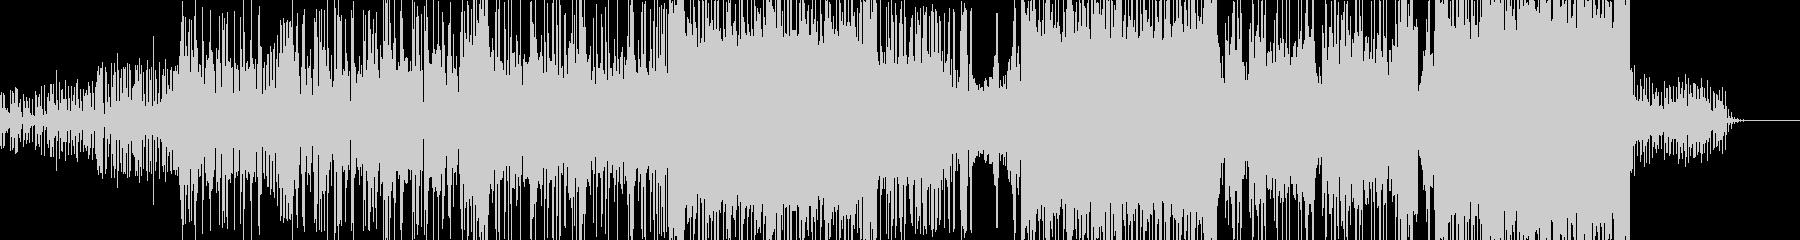 ゲームを盛り上げるエレクトロポップの未再生の波形